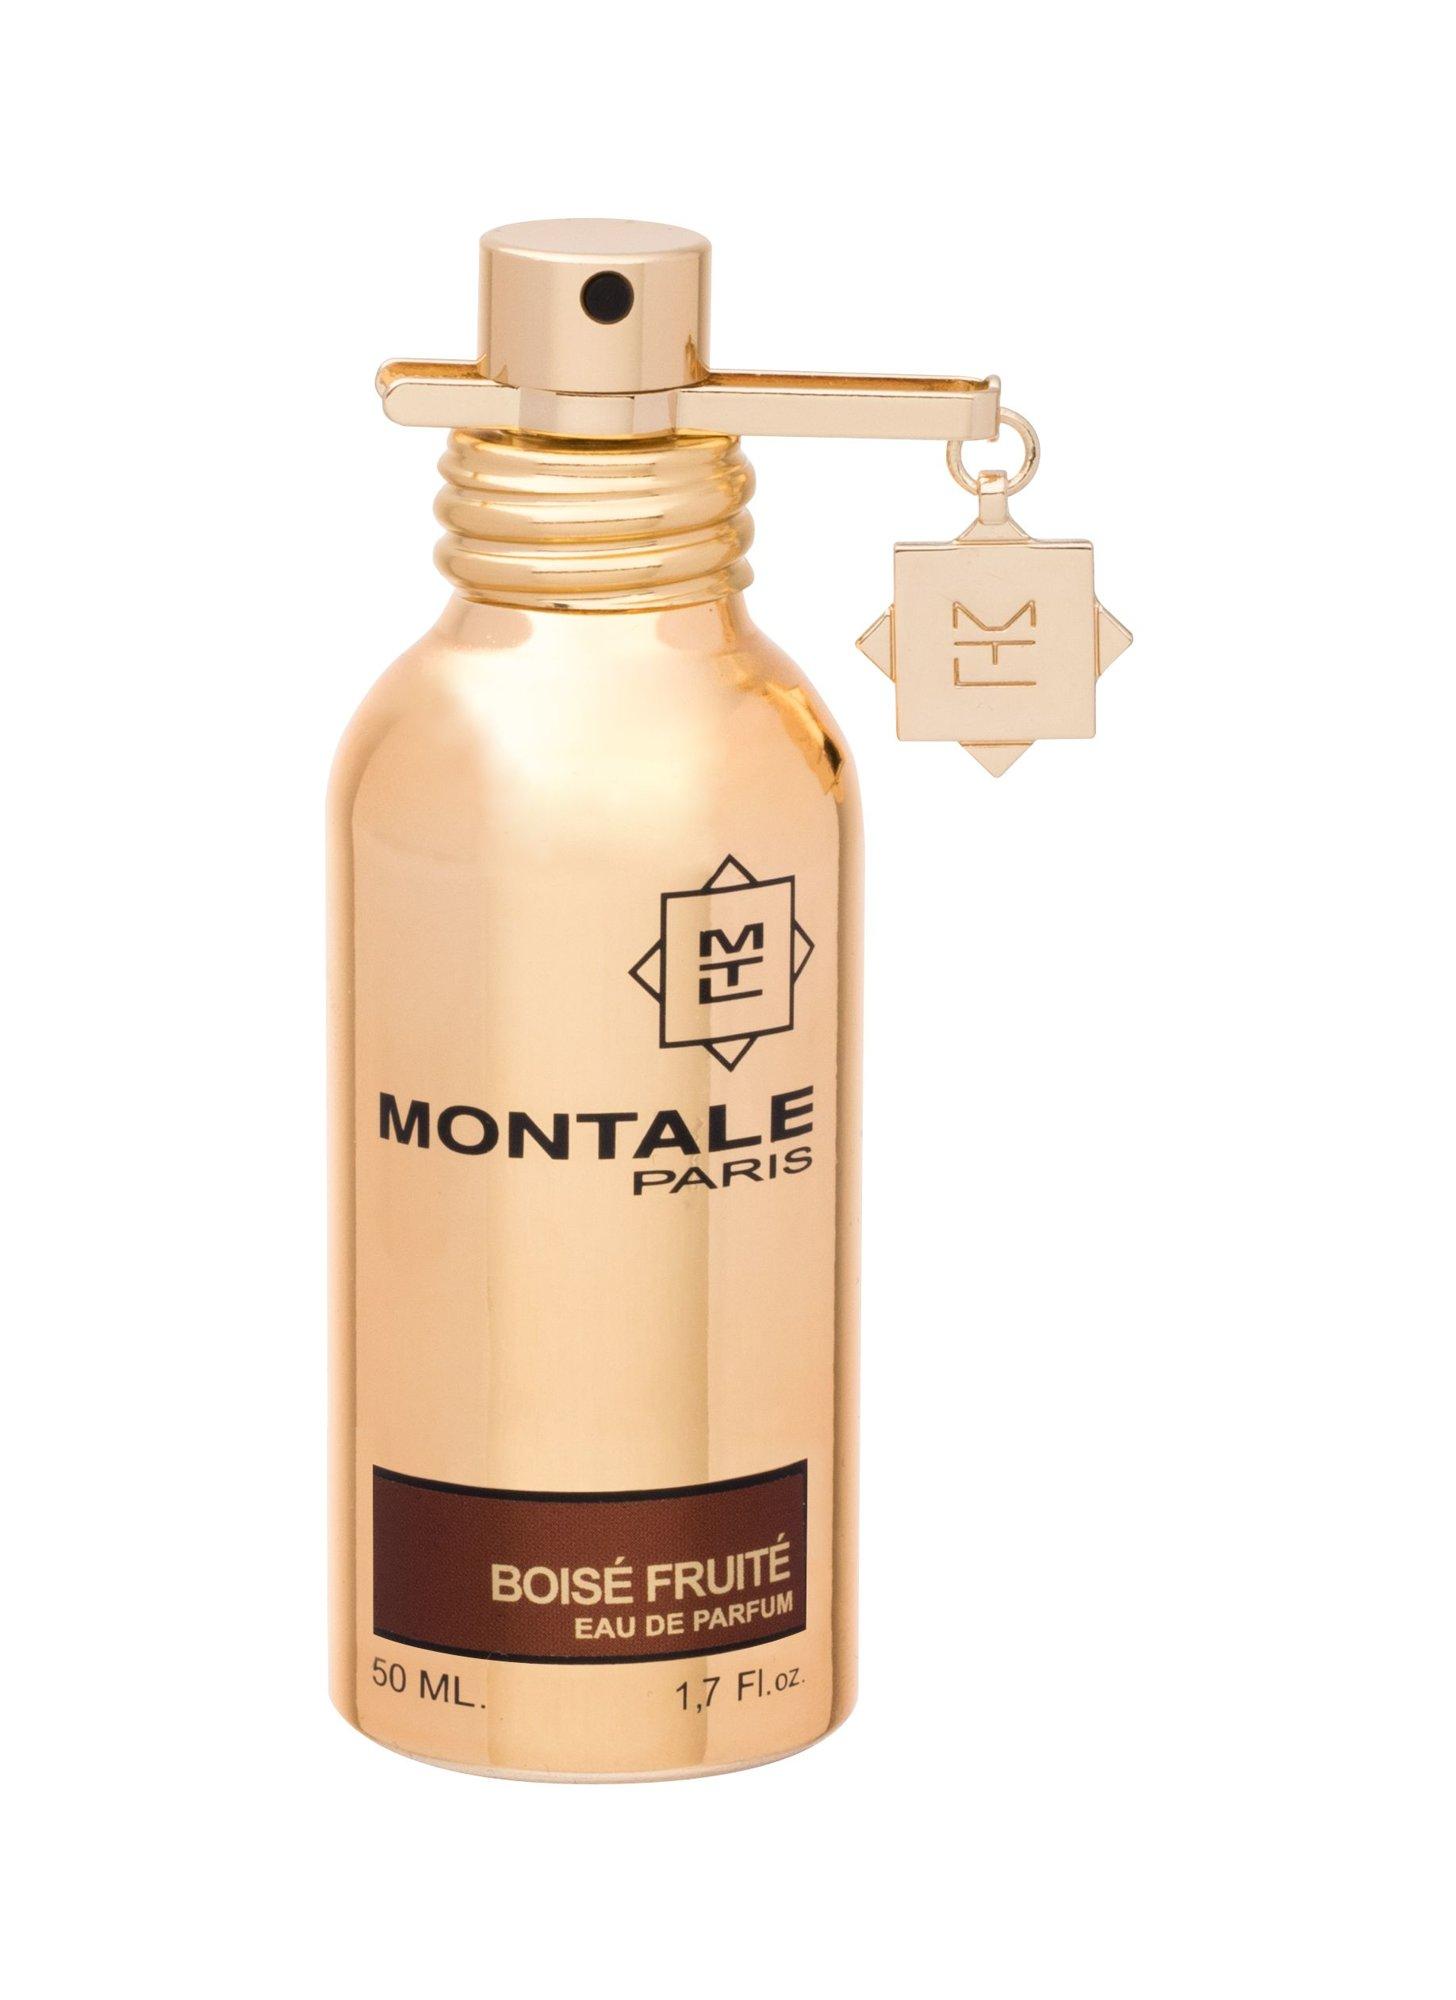 Montale Paris Boisé Fruité EDP 50ml